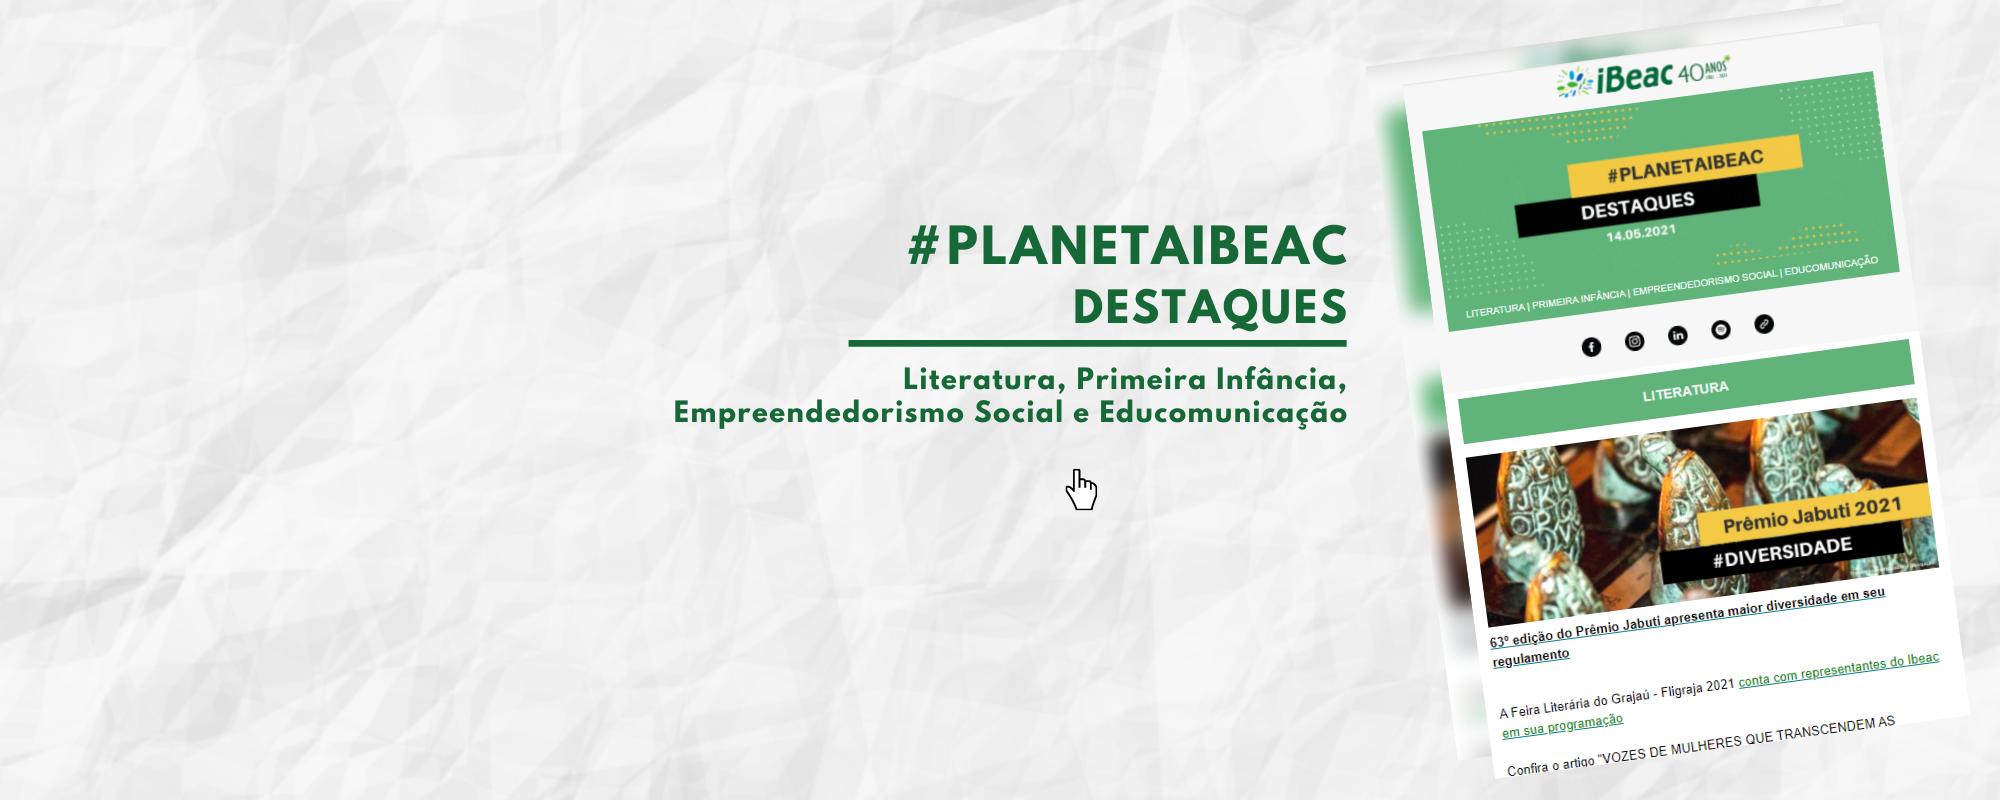 Destaques #Planetaibeac 14.05.2021